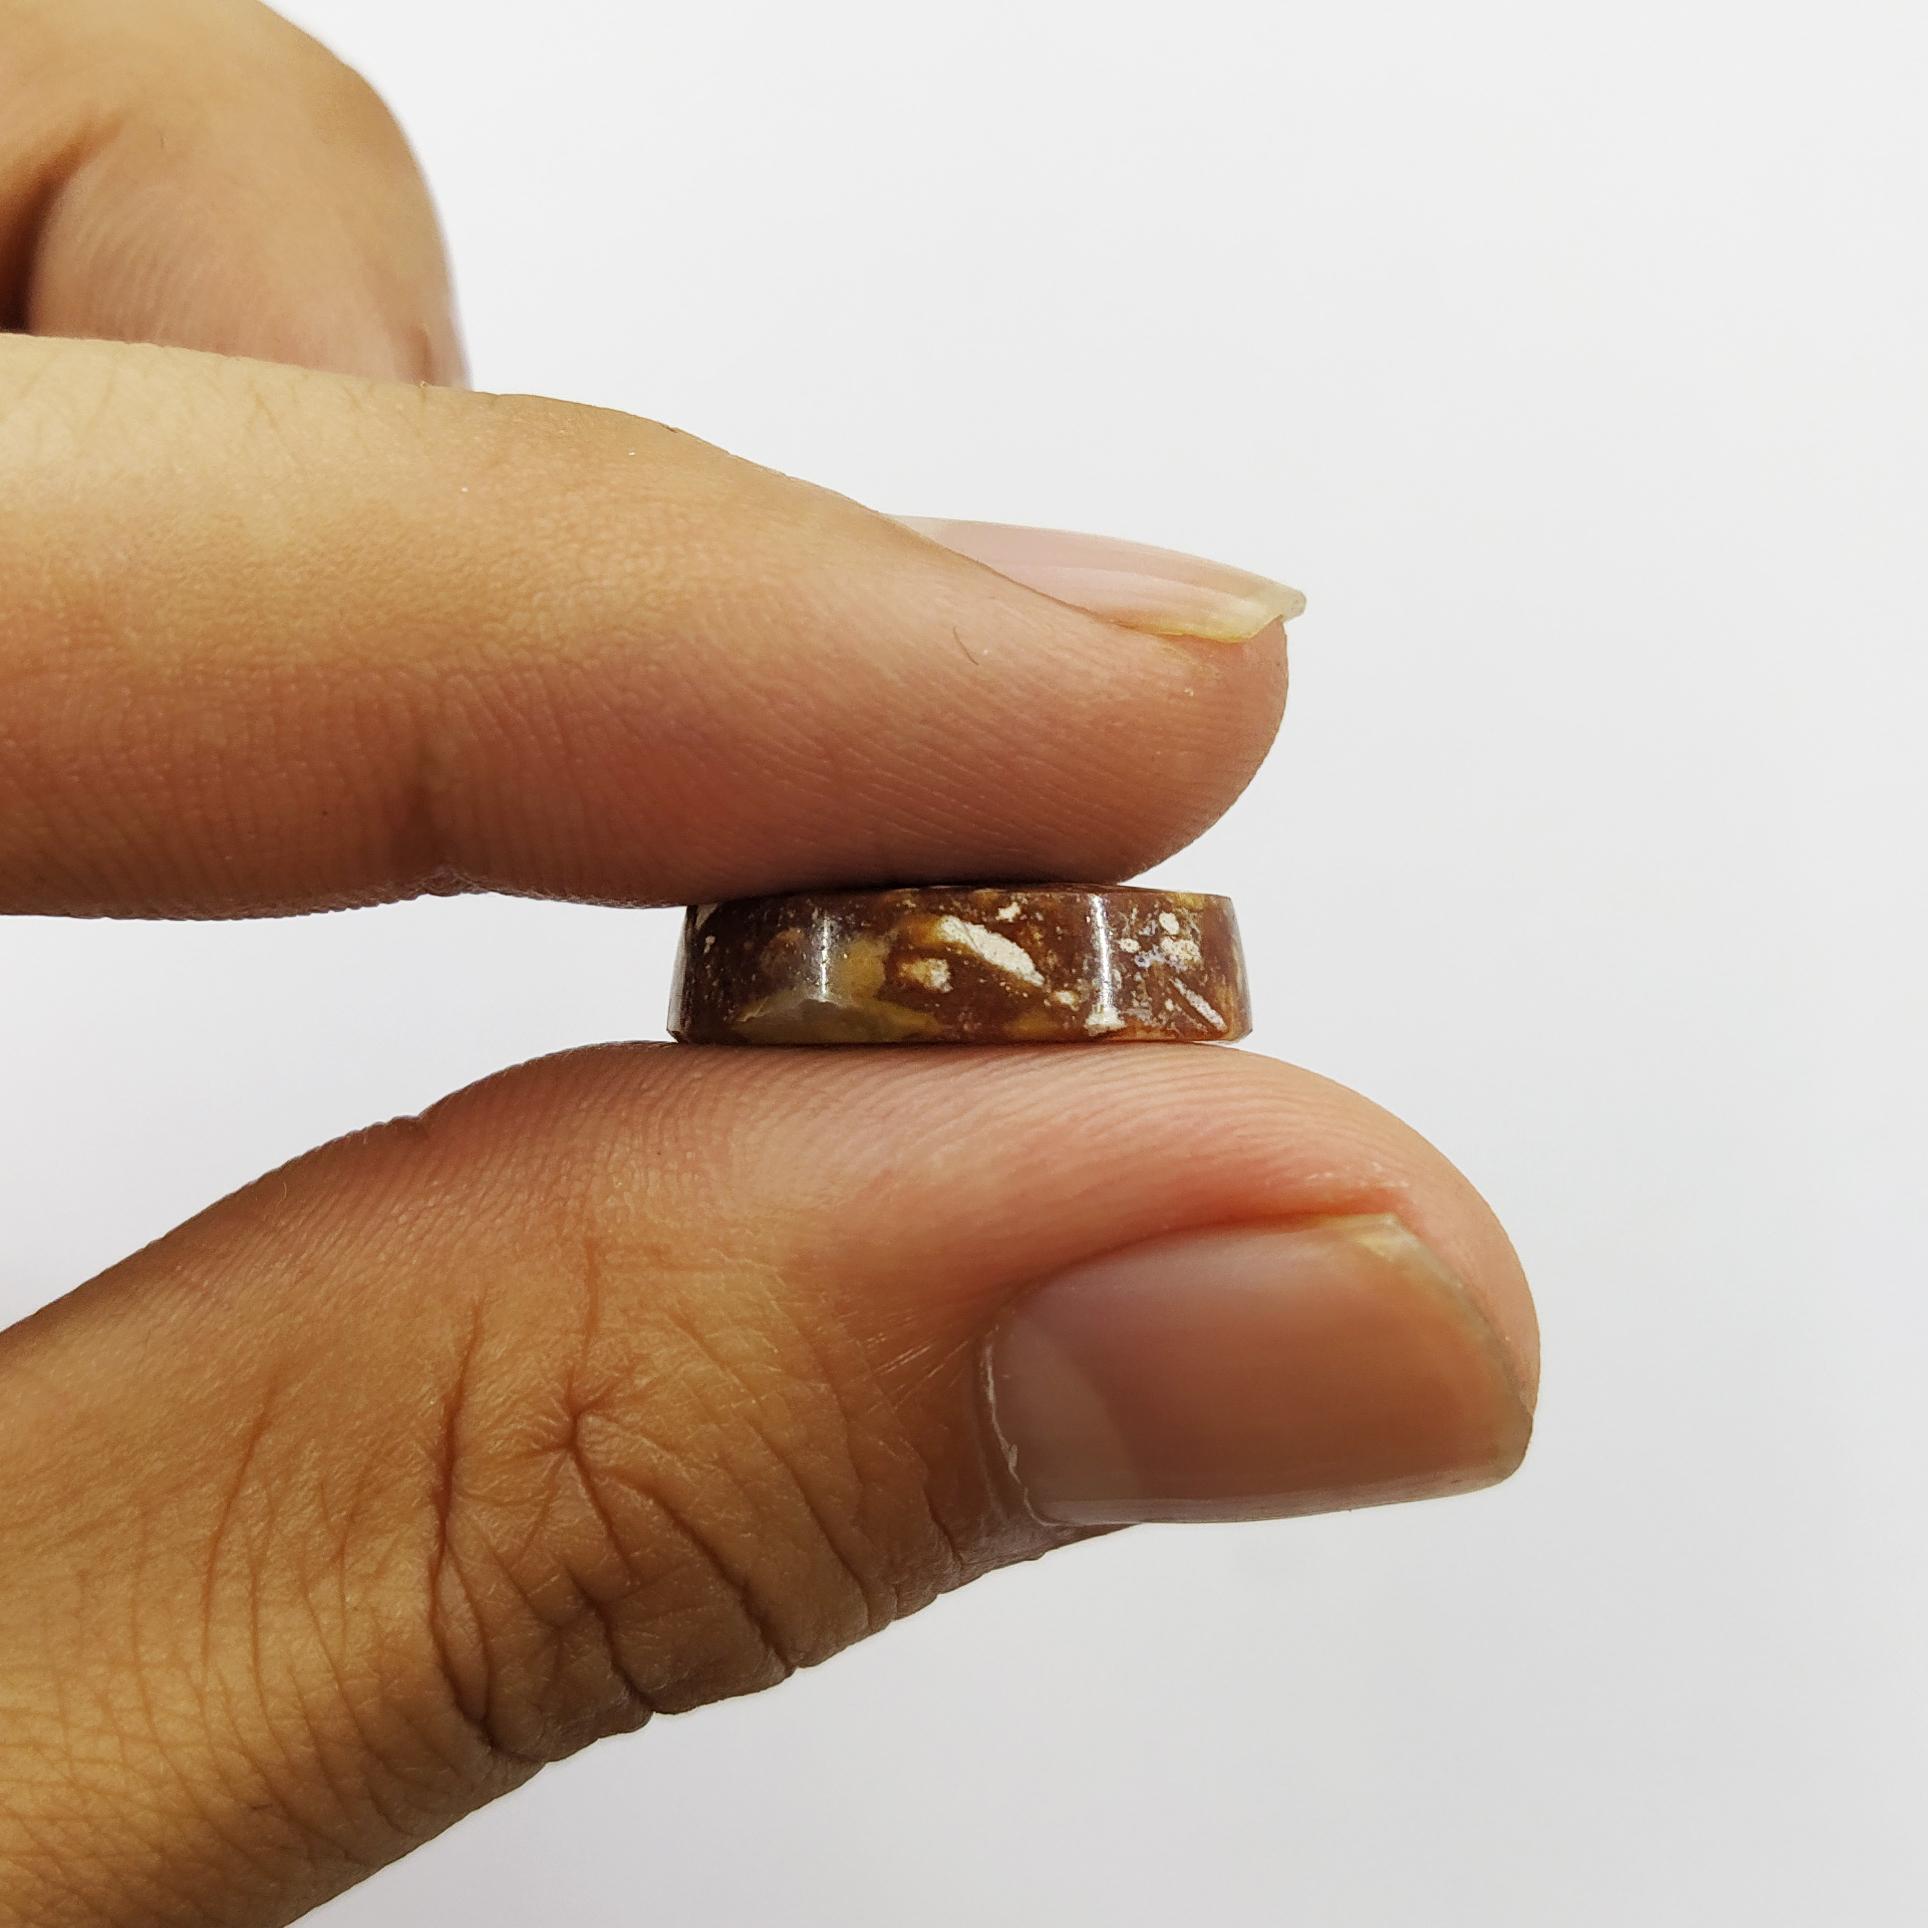 سنگ عقیق شجر سلین کالا مدل ce-107